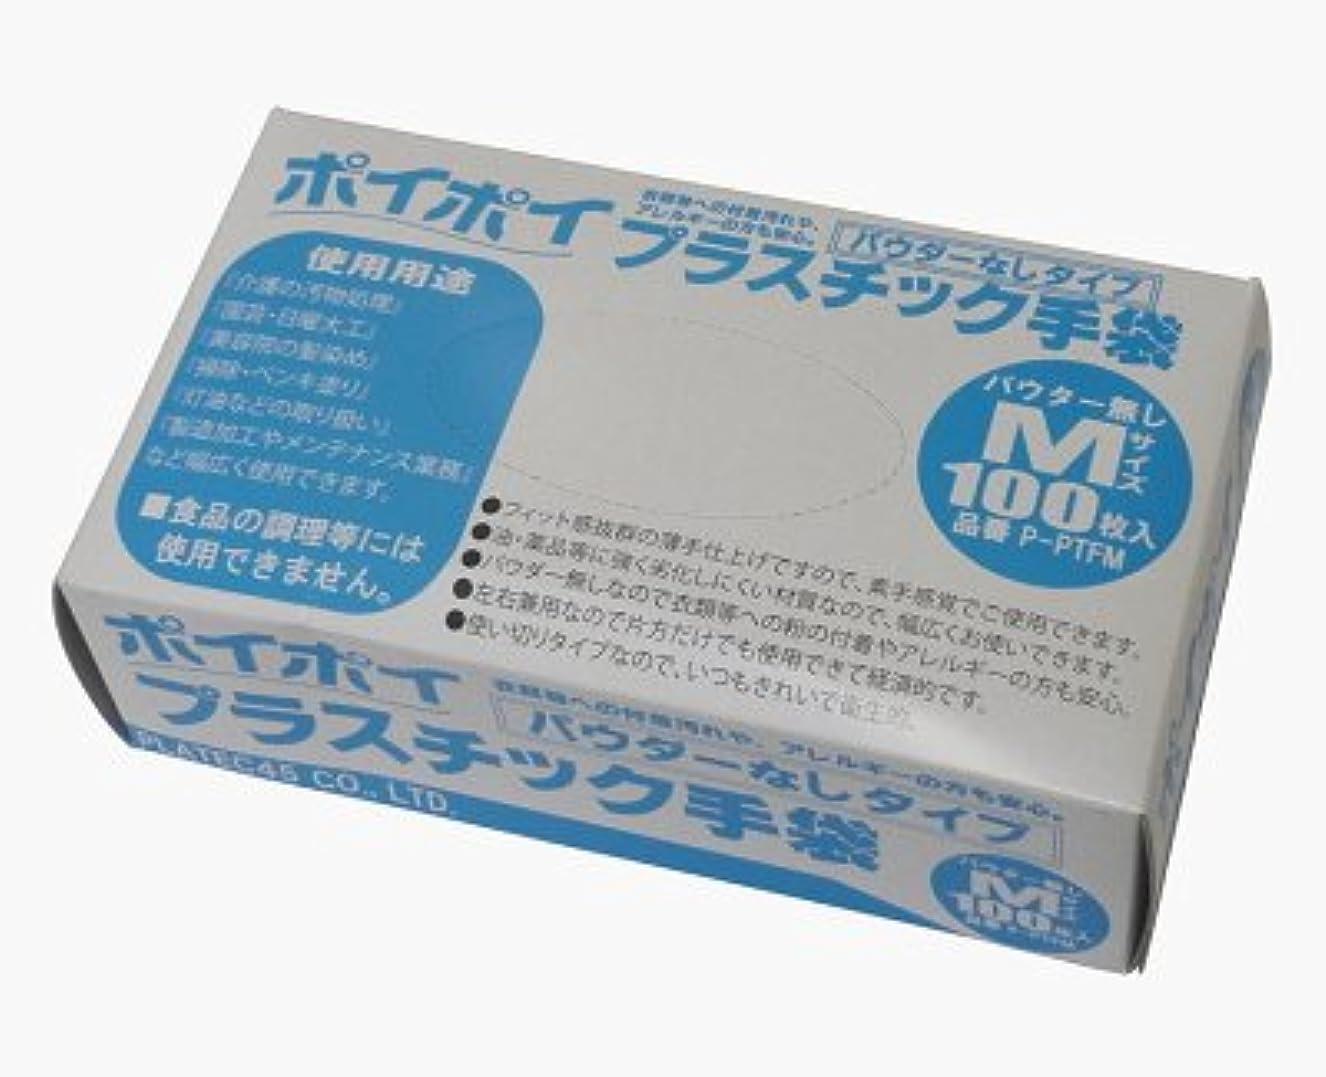 帝国きらめき大陸●●●プラテック45 プラスチックグローブパウダー無しM 100枚×20箱